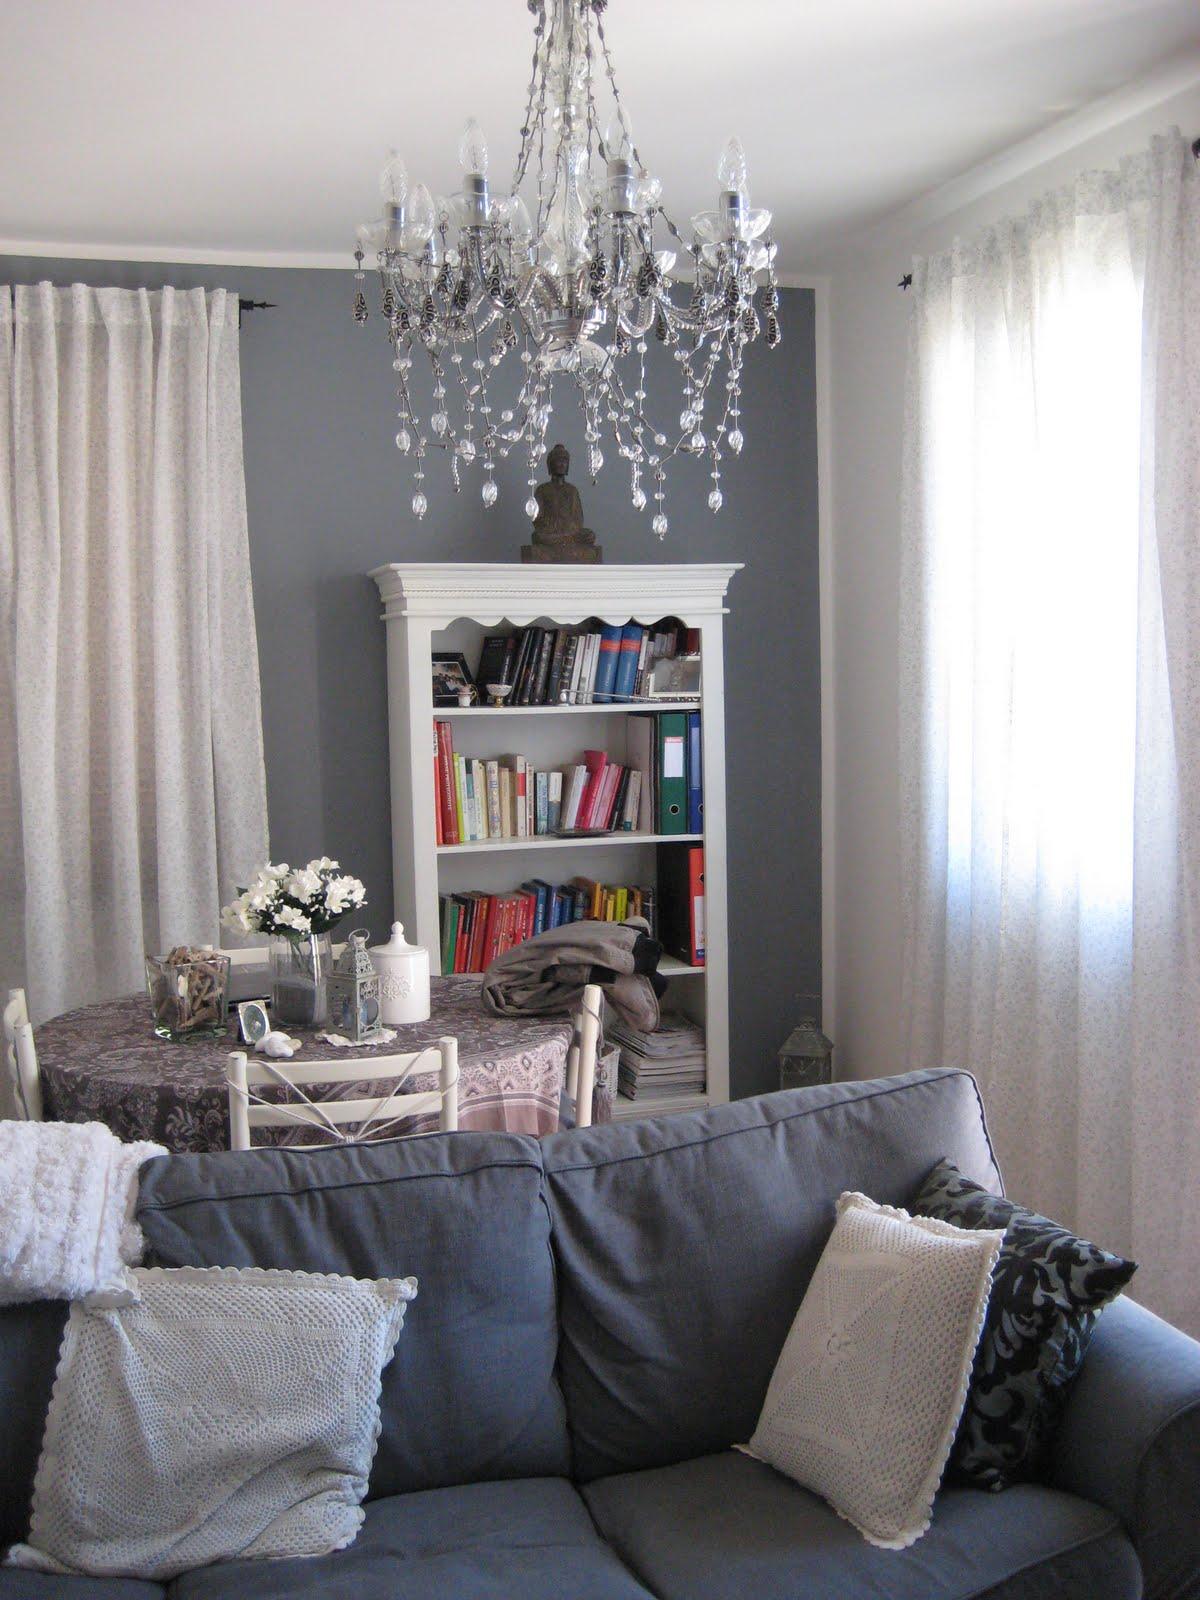 Redecorando Mi Casa Decorar Tu Casa Es